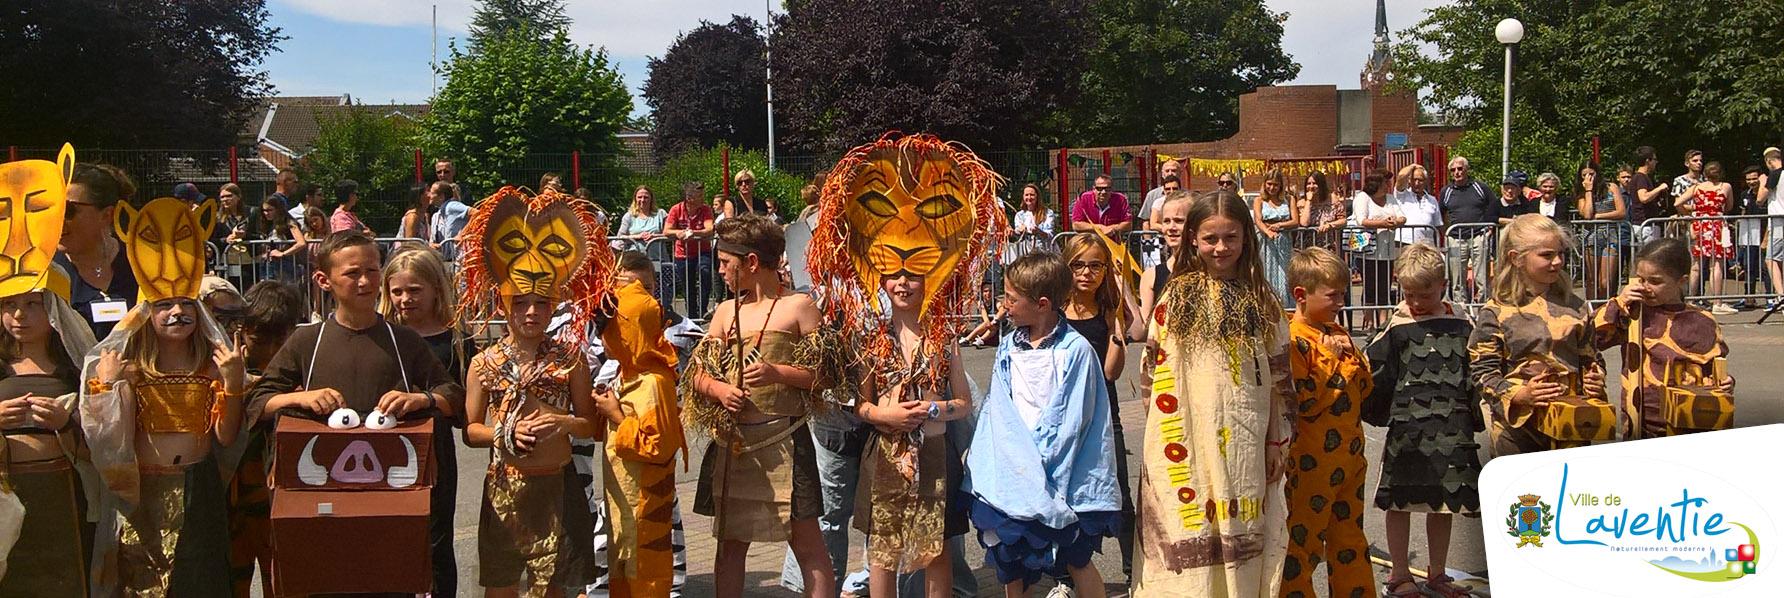 Kermesse 2018 des écoles publiques